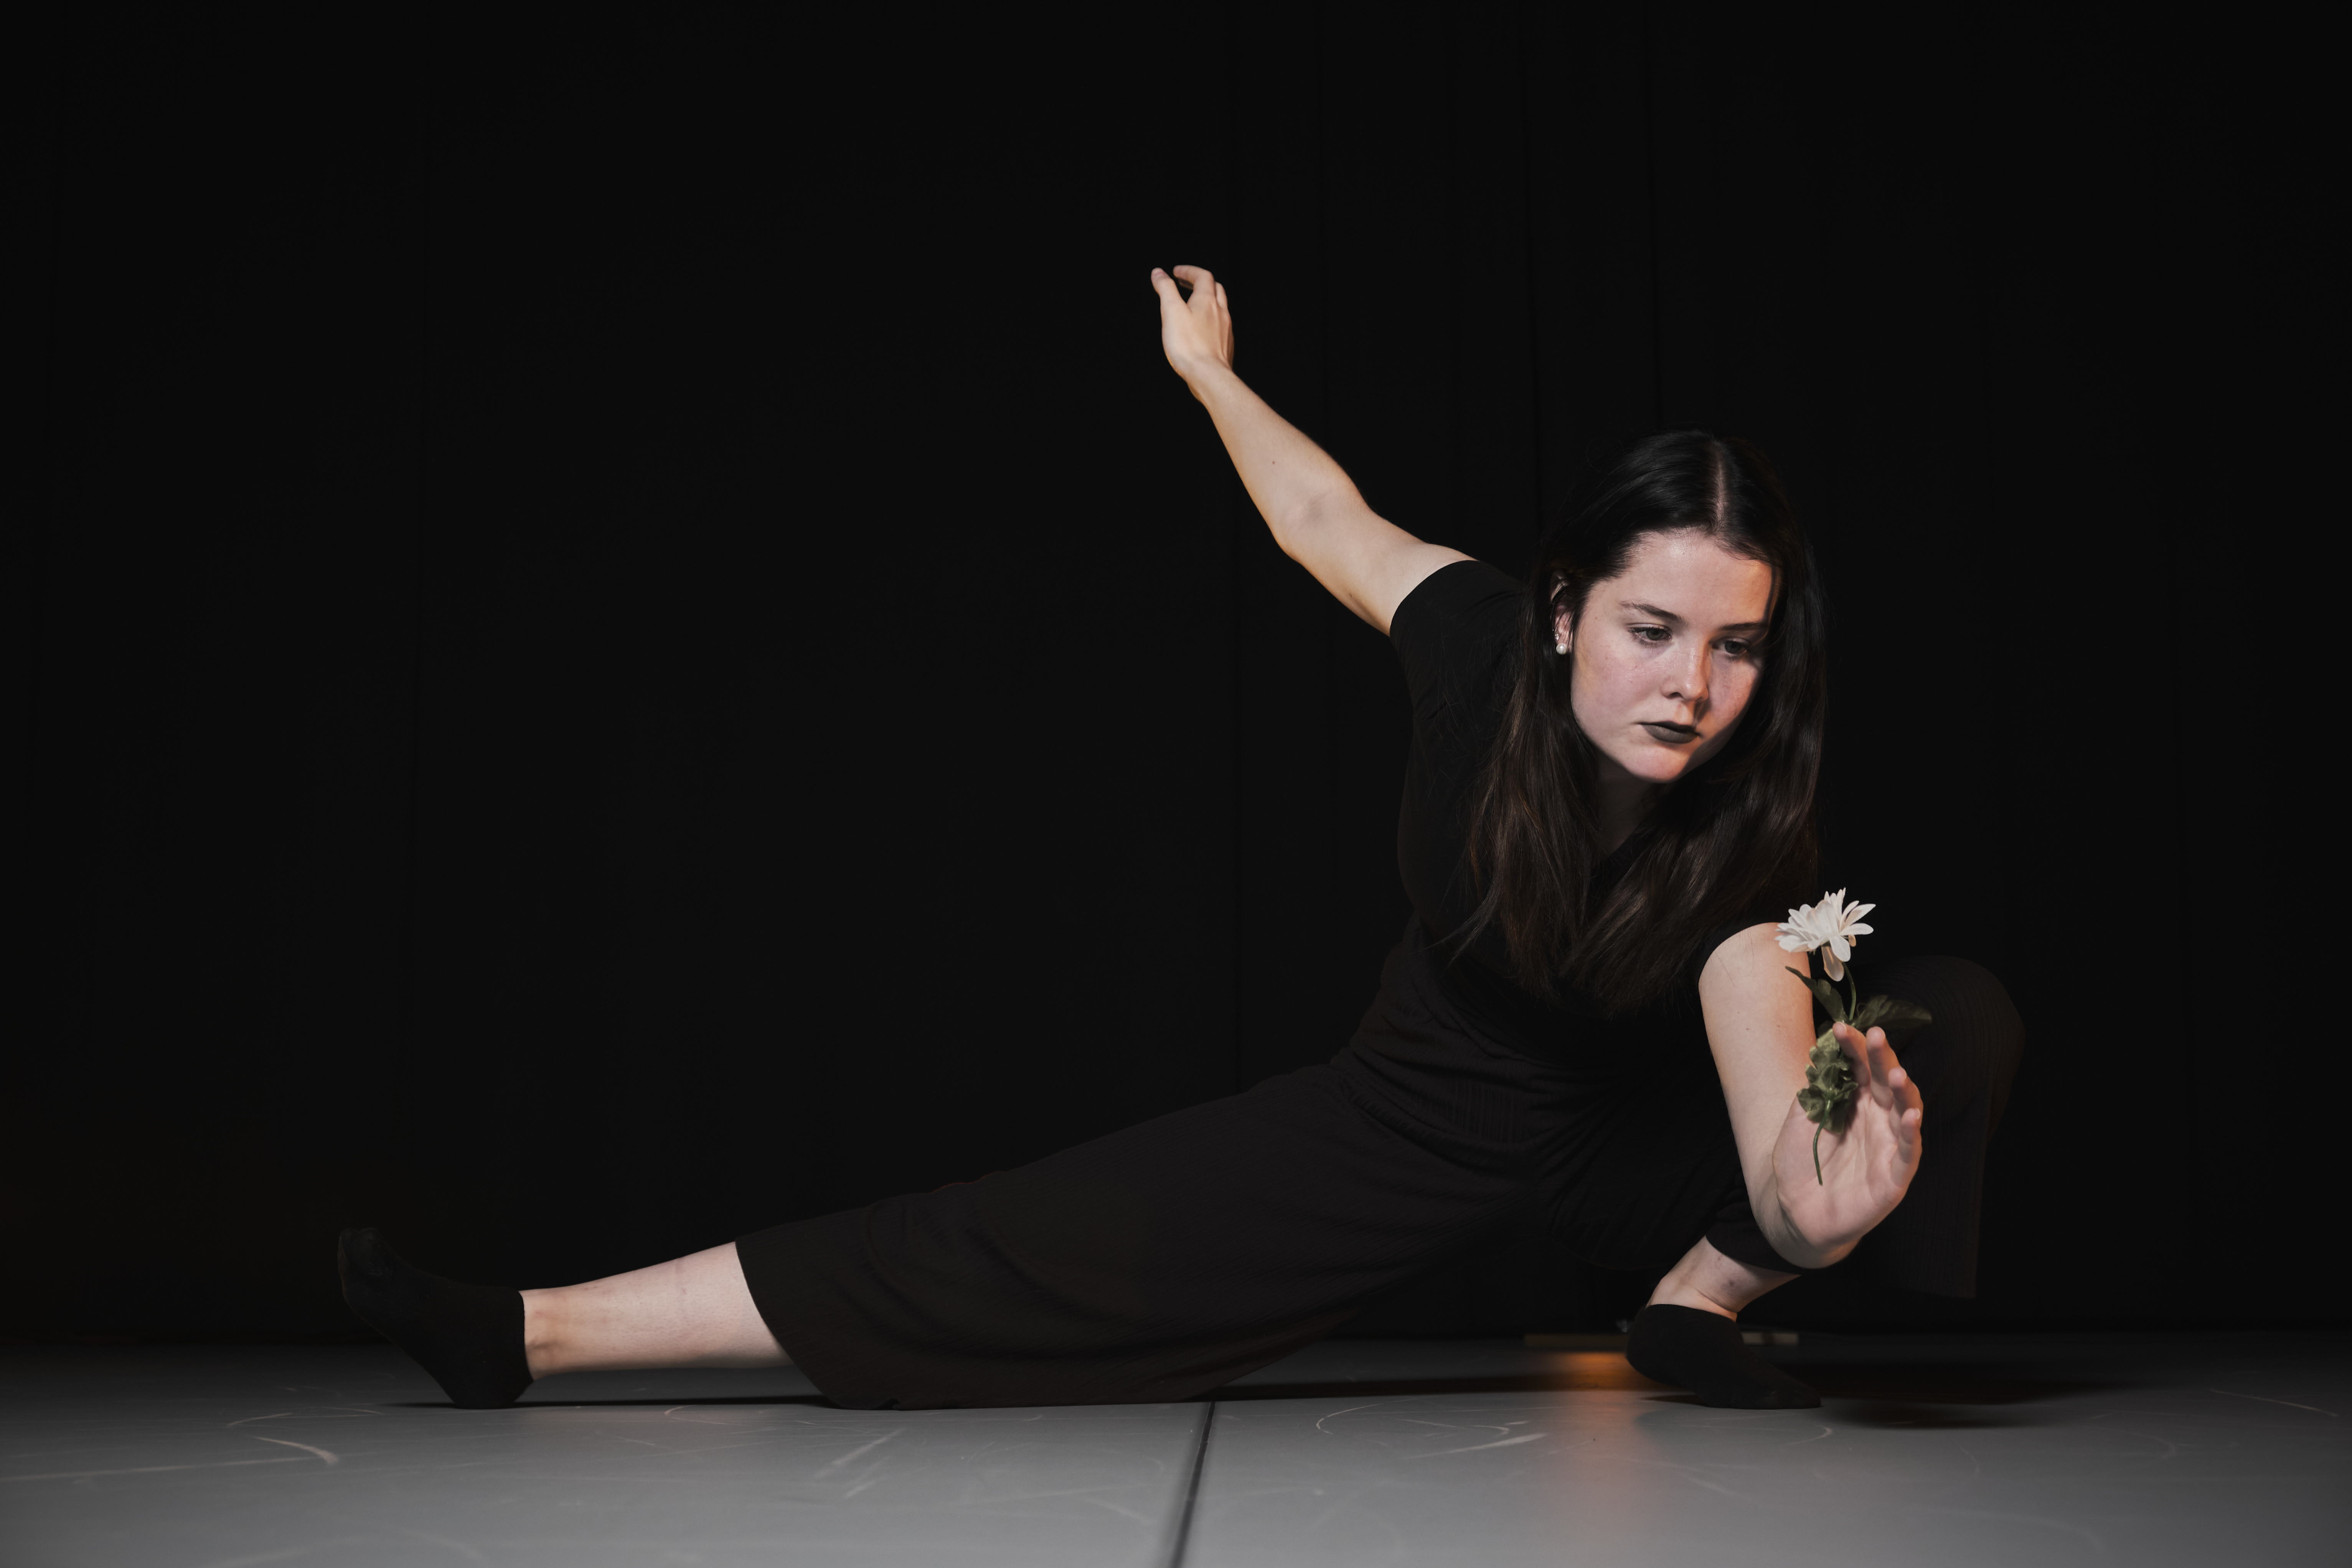 kuvituskuva: tanssija